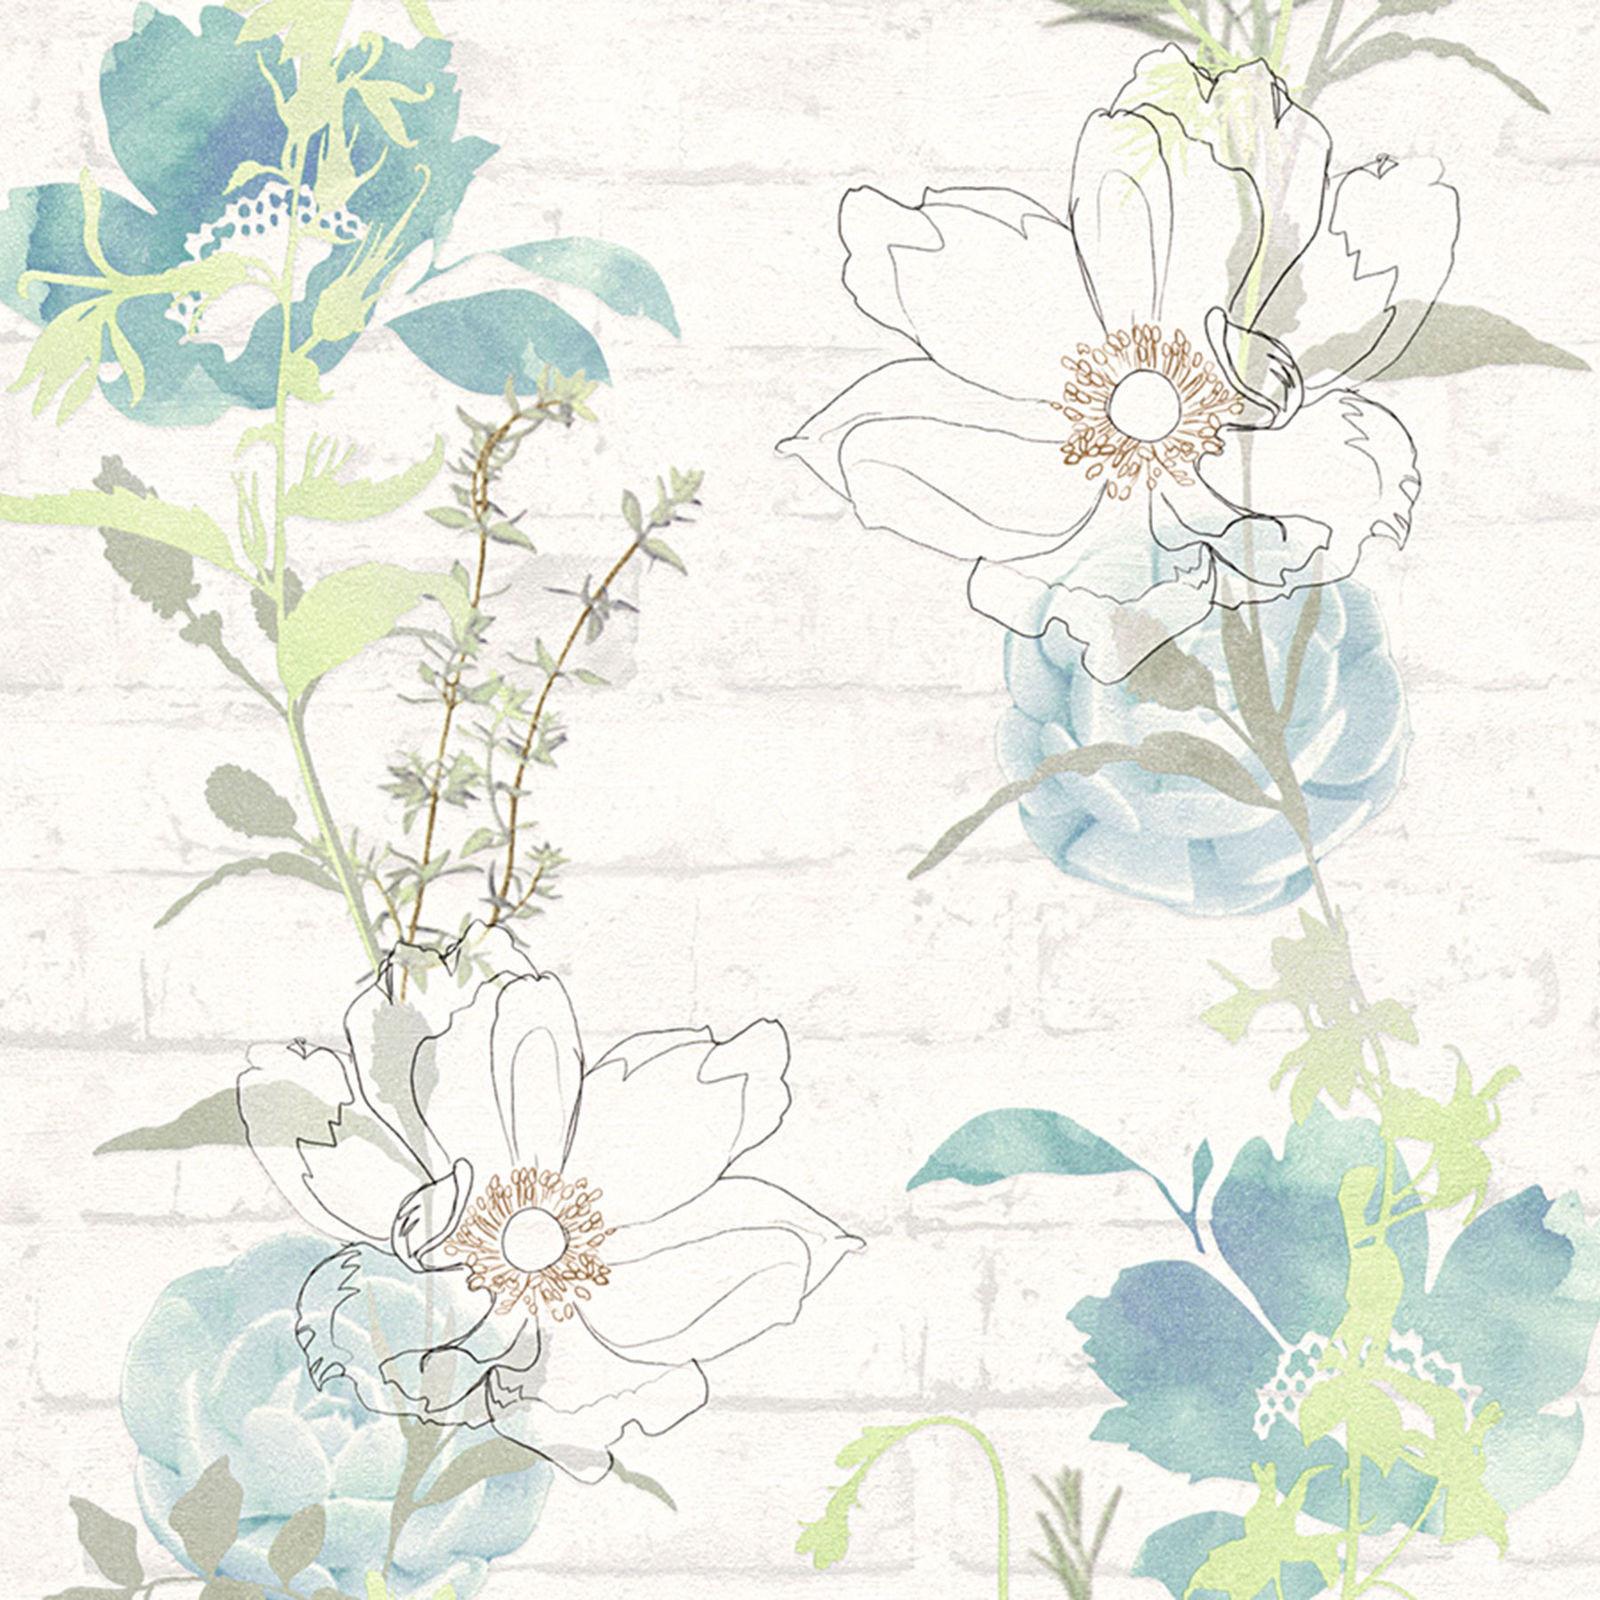 Papiertapete Urban Flowers Blau Grün Weiß Blumen Floral Blumentapete Tapete